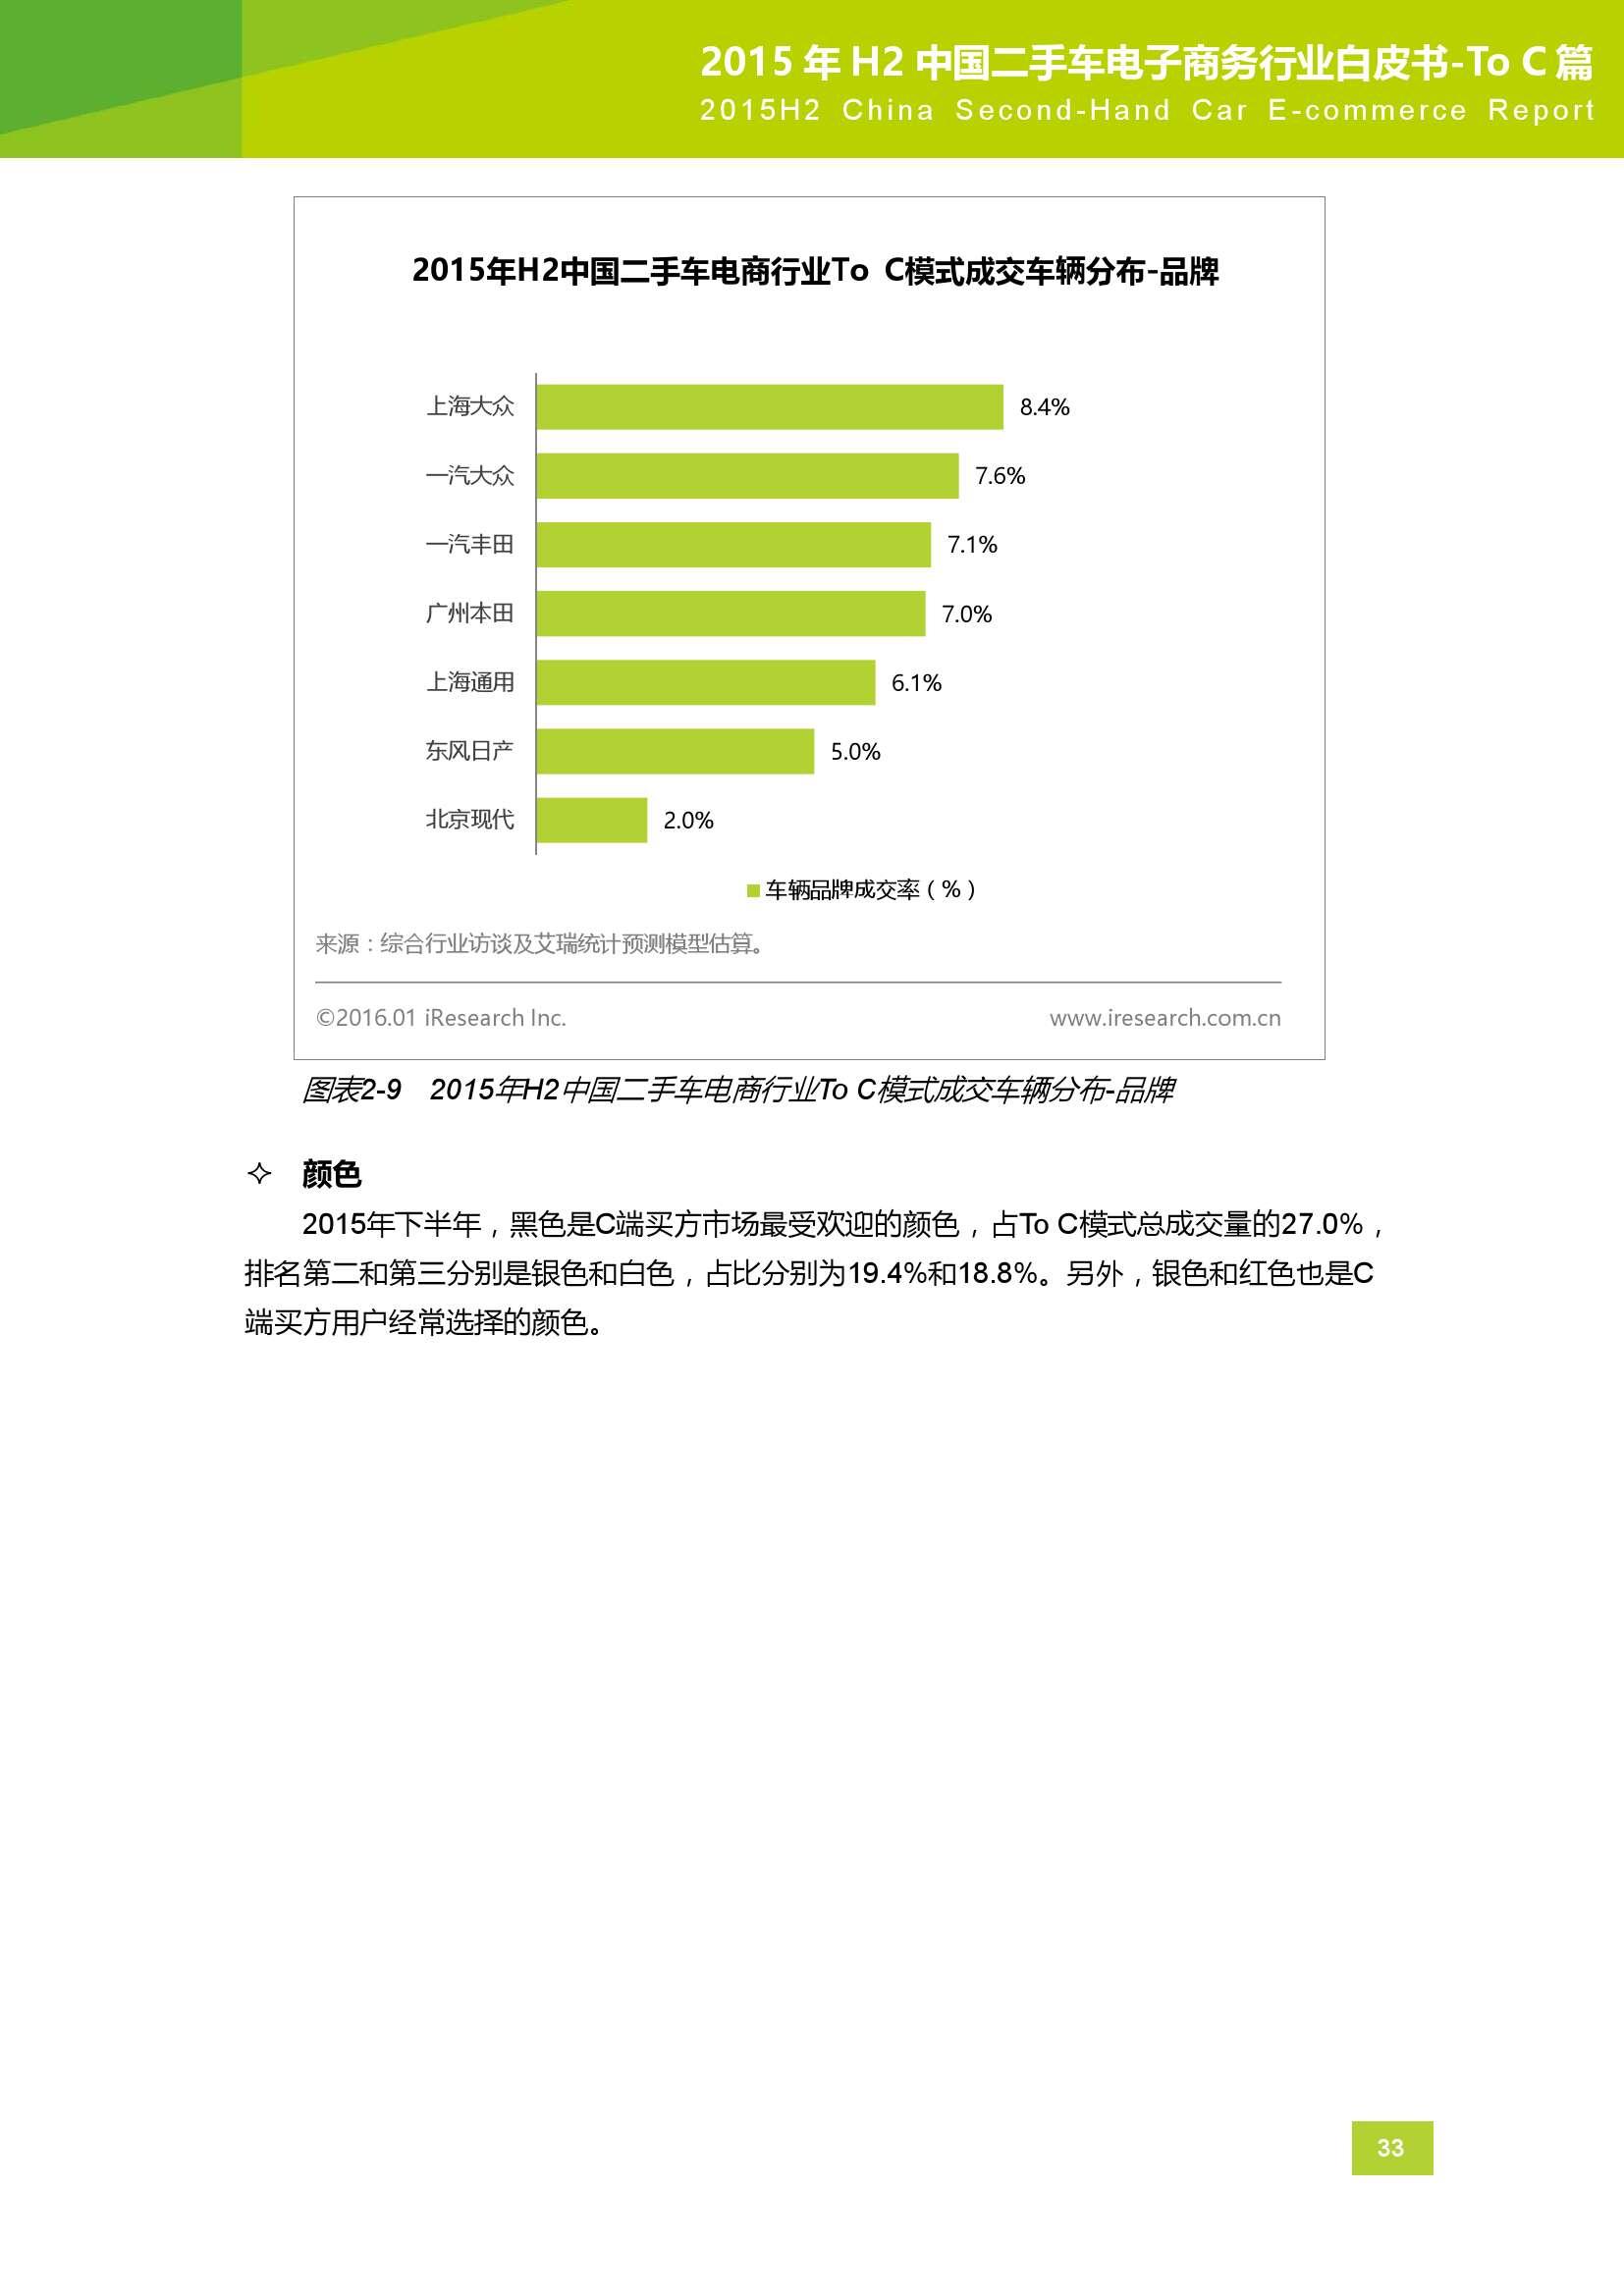 2015年H2中国二手车电子商务行业白皮书_000033